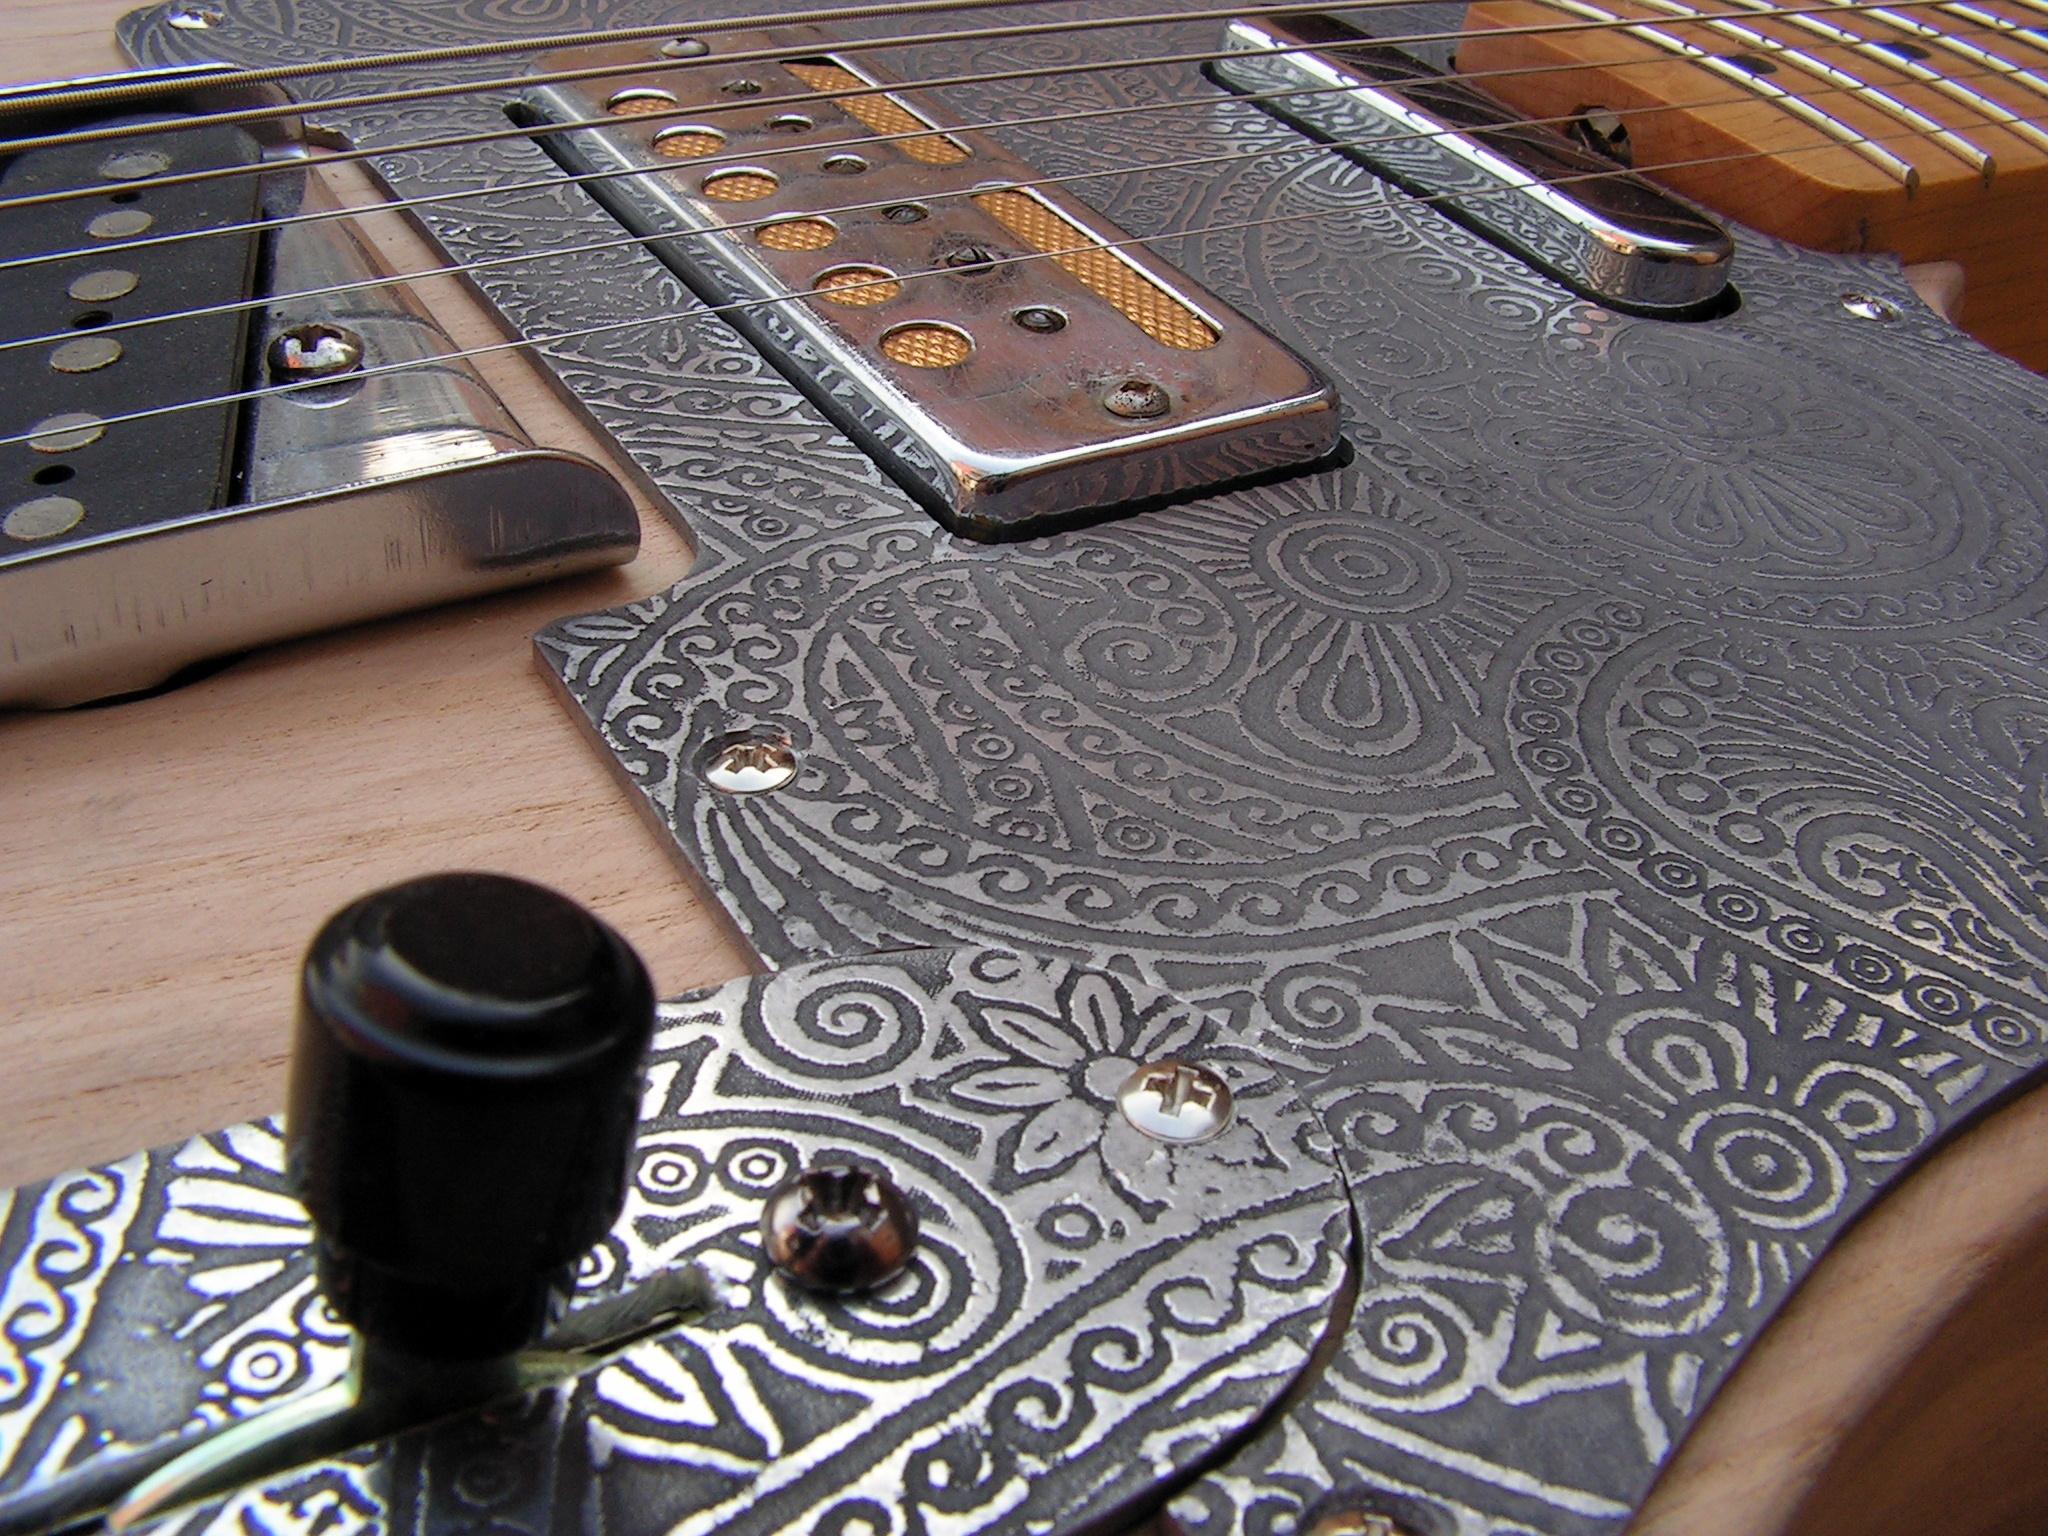 Pickup Teisco Gold Foil su una chitarra Telecaster